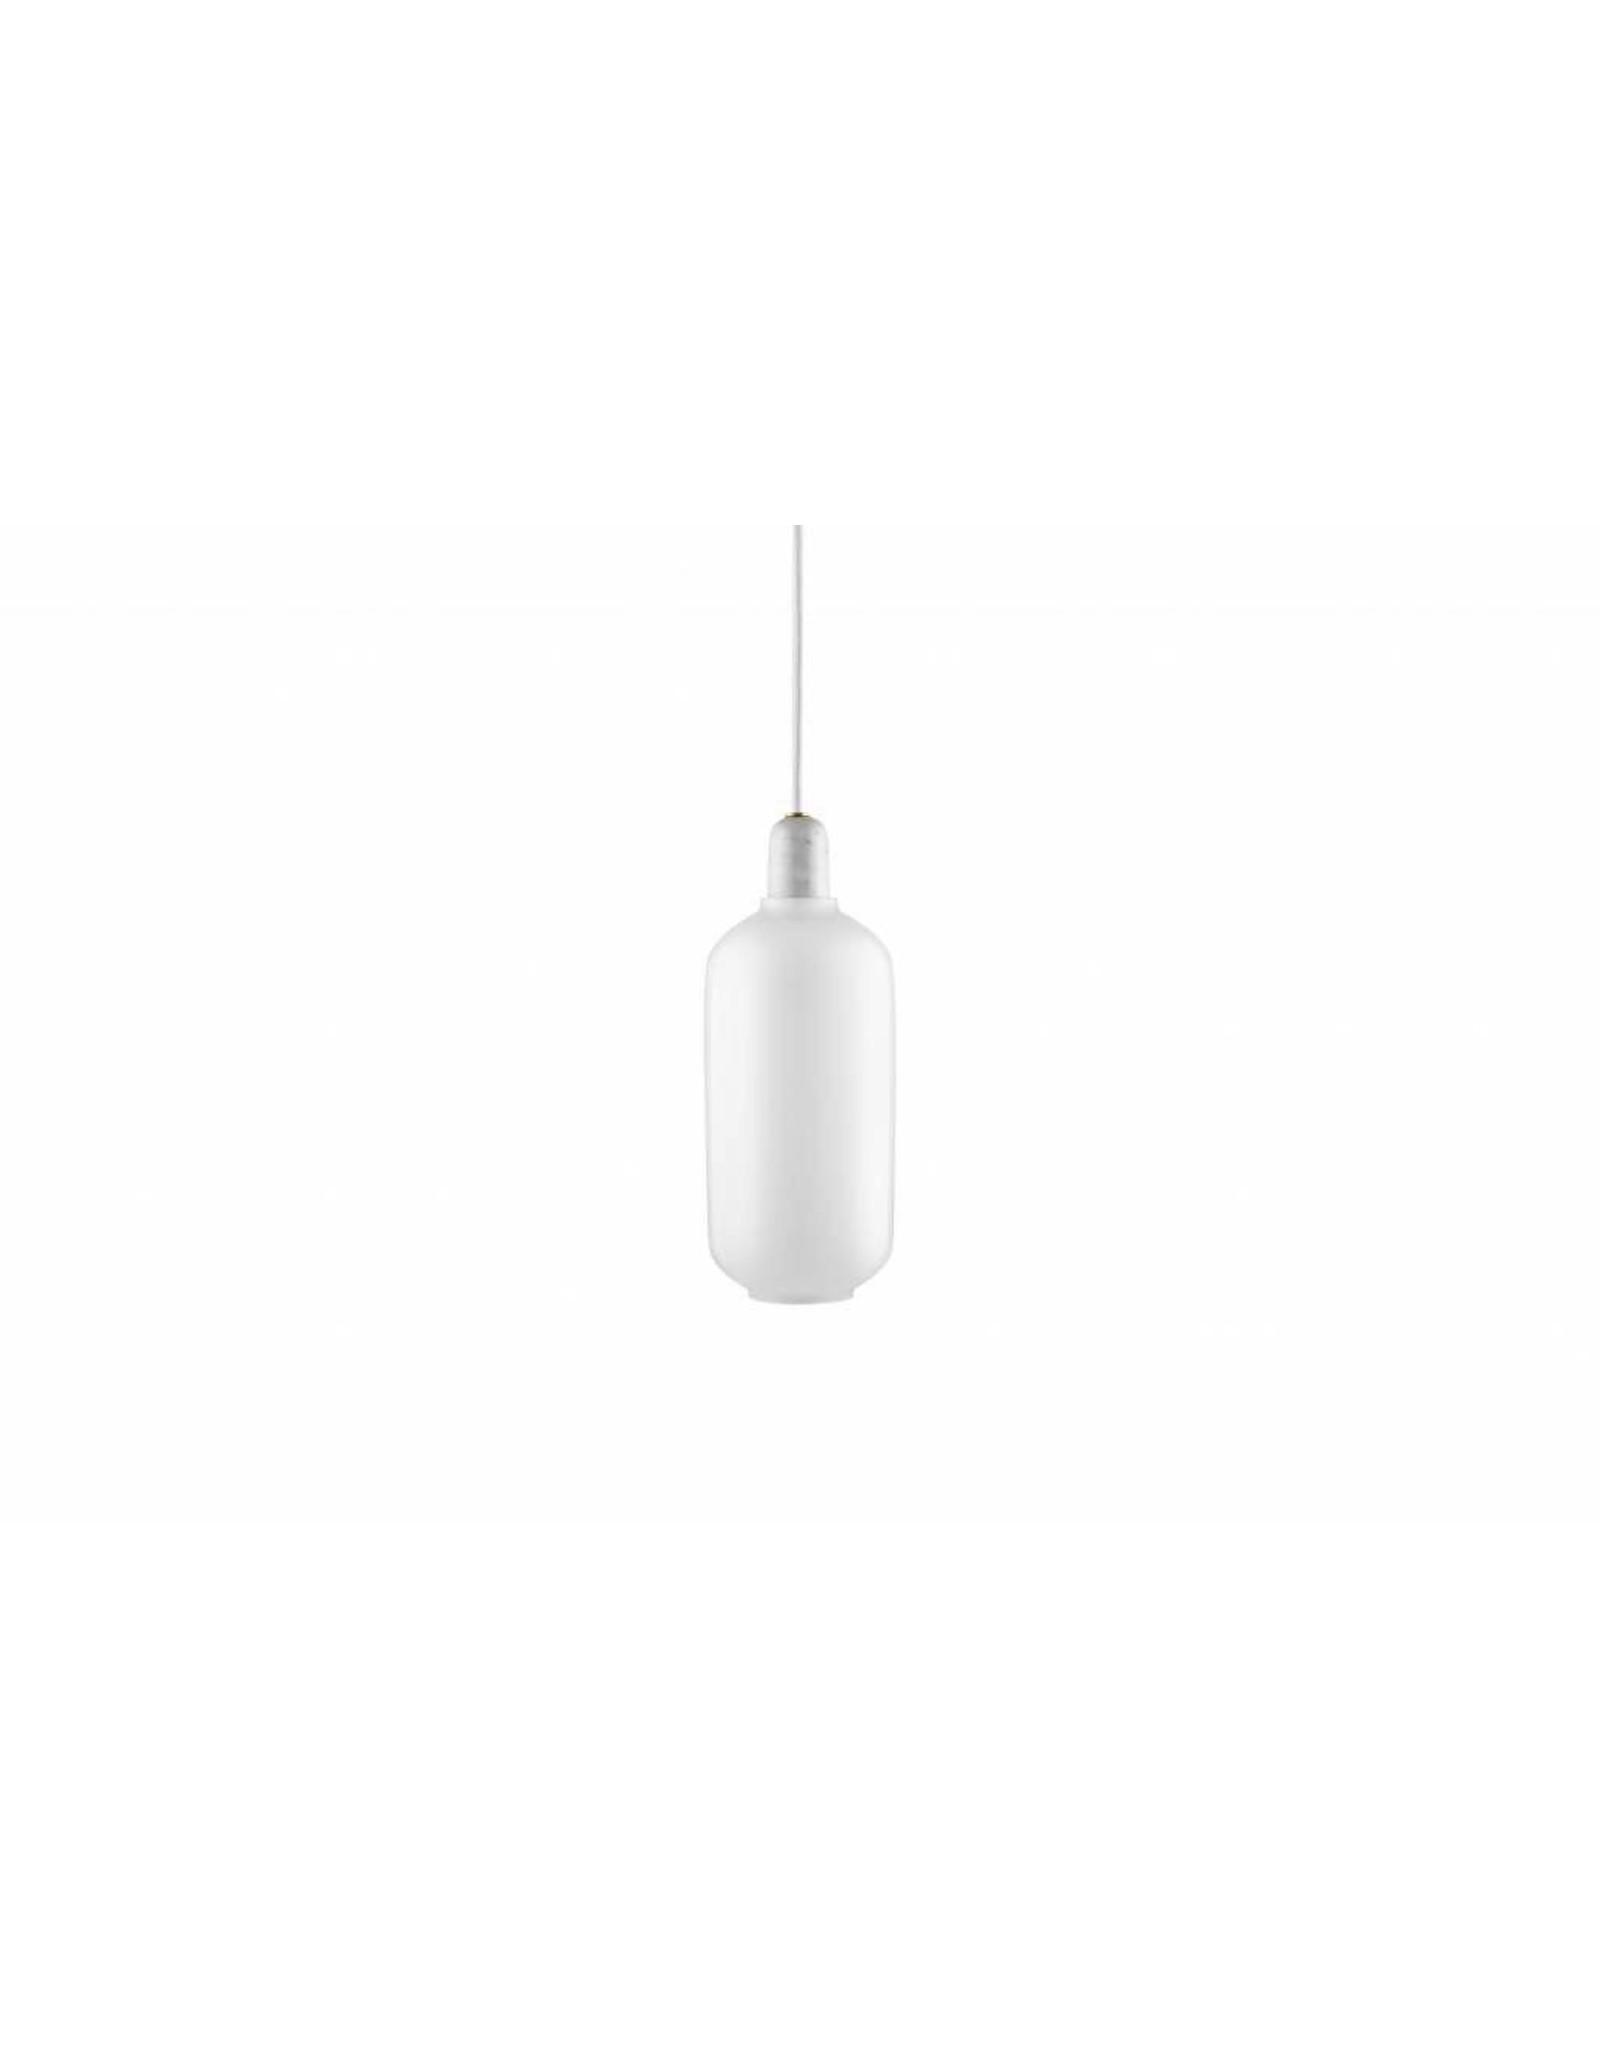 Normann Copenhagen Amp Lamp Large White/White